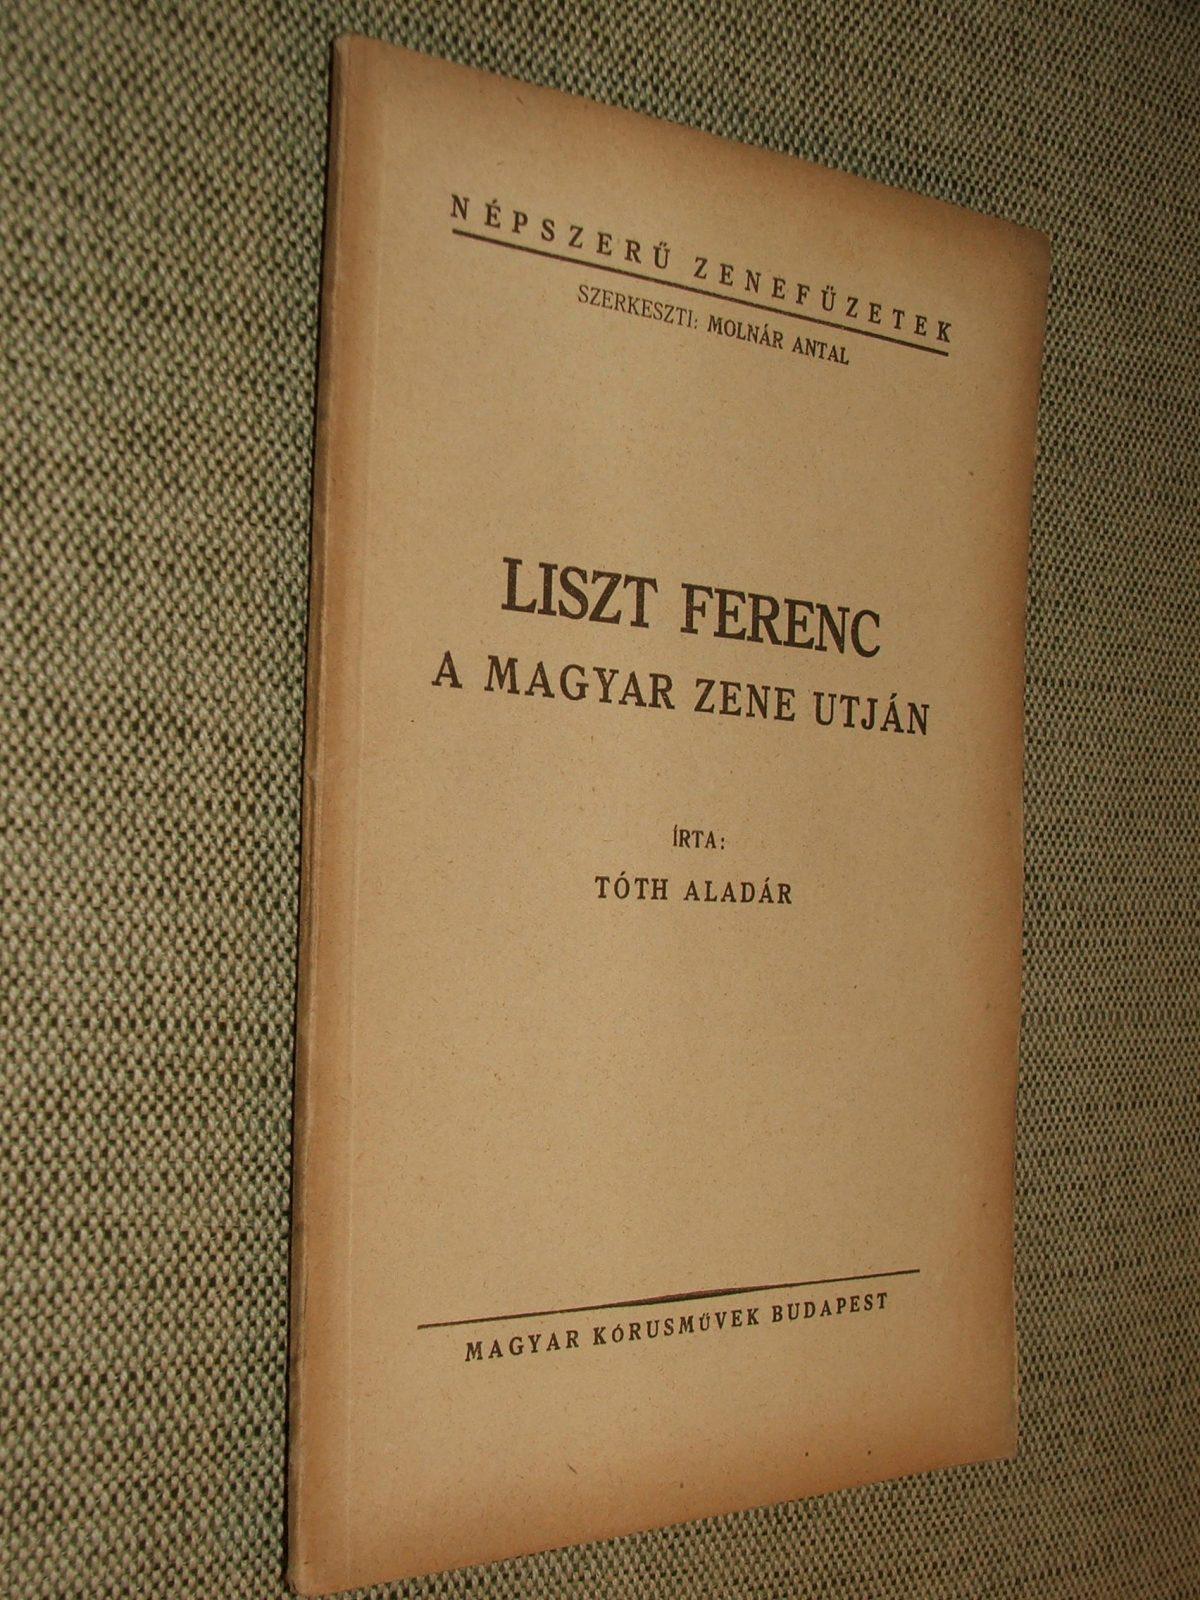 TÓTH Aladár: Liszt Ferenc a magyar zene utján